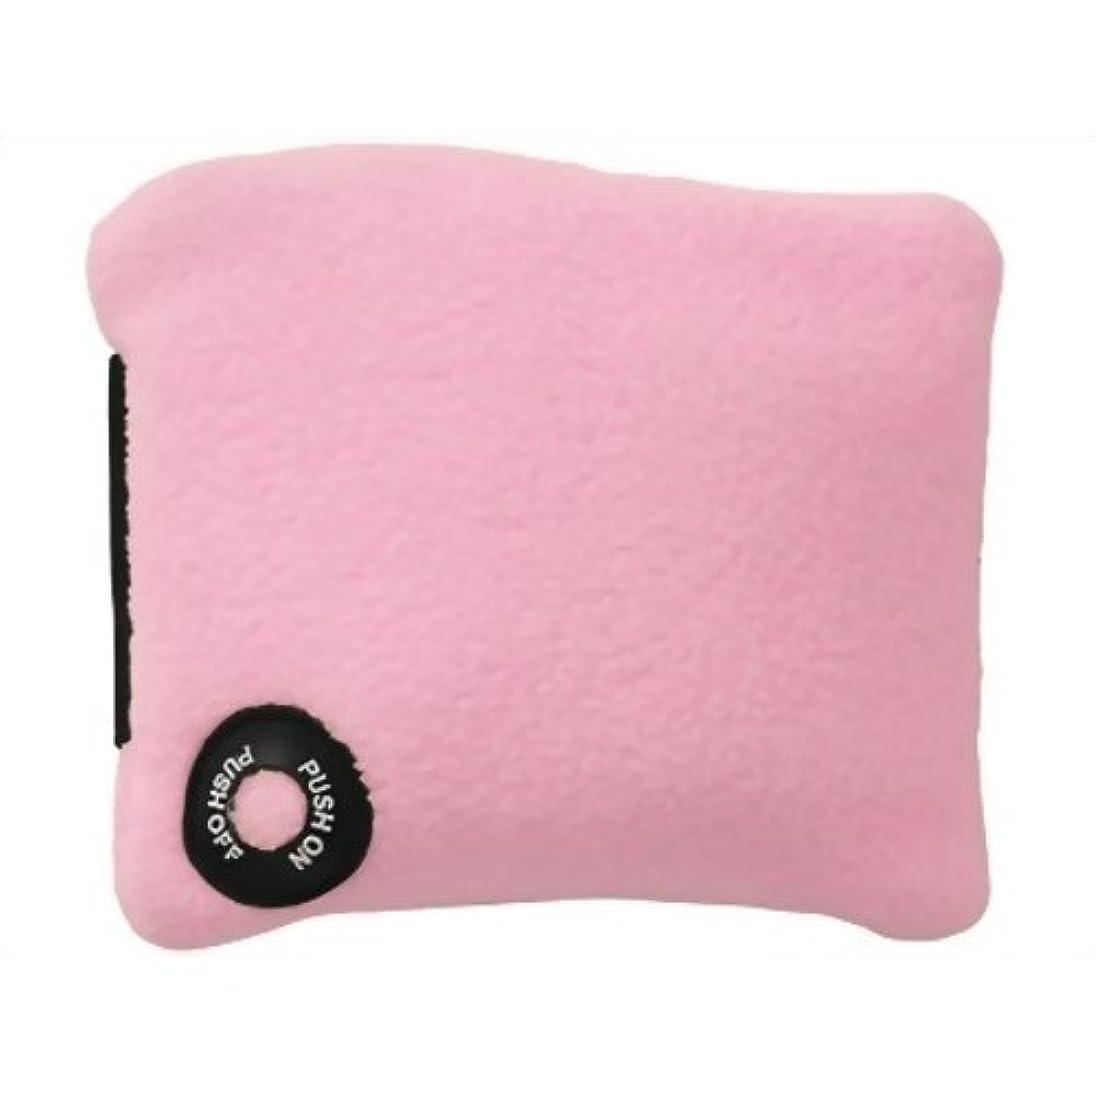 ハードリング冒険家リレーぶるる 足用 ピンク フリーサイズ